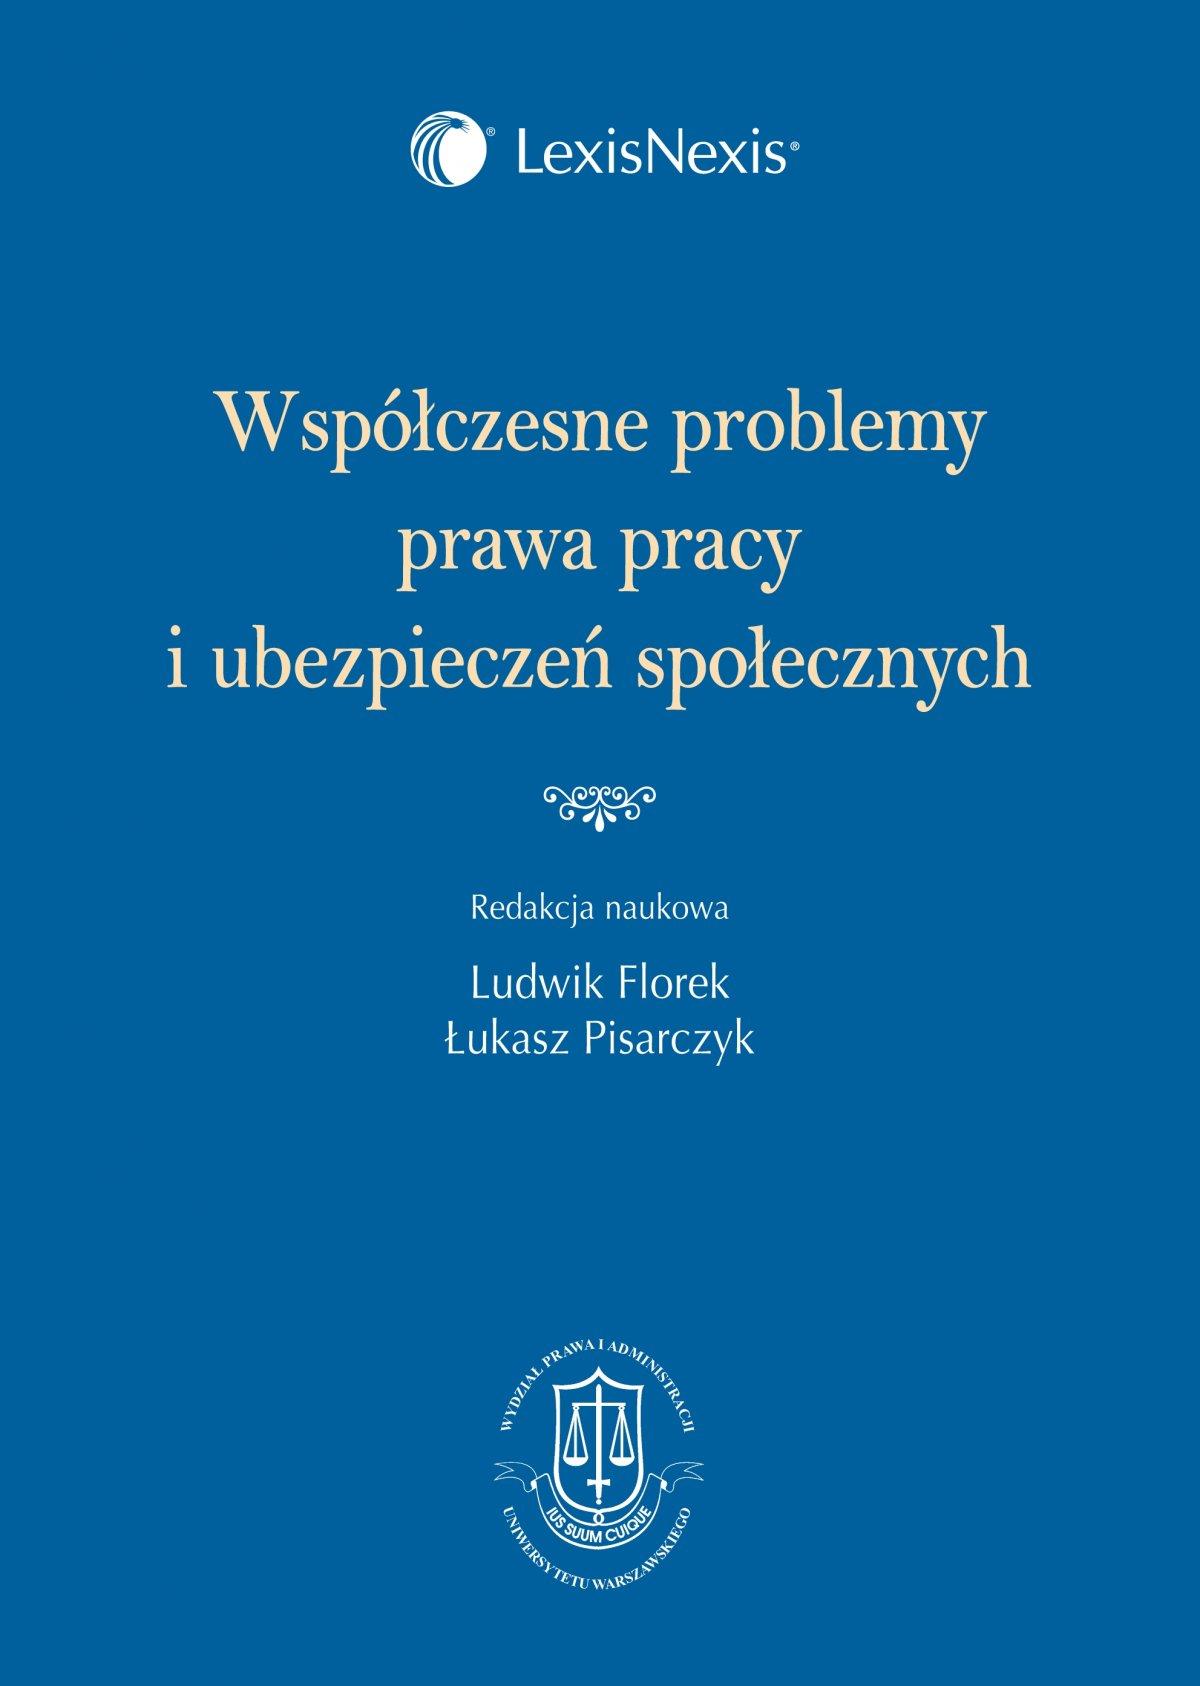 Współczesne problemy prawa pracy i ubezpieczeń społecznych - Ebook (Książka PDF) do pobrania w formacie PDF